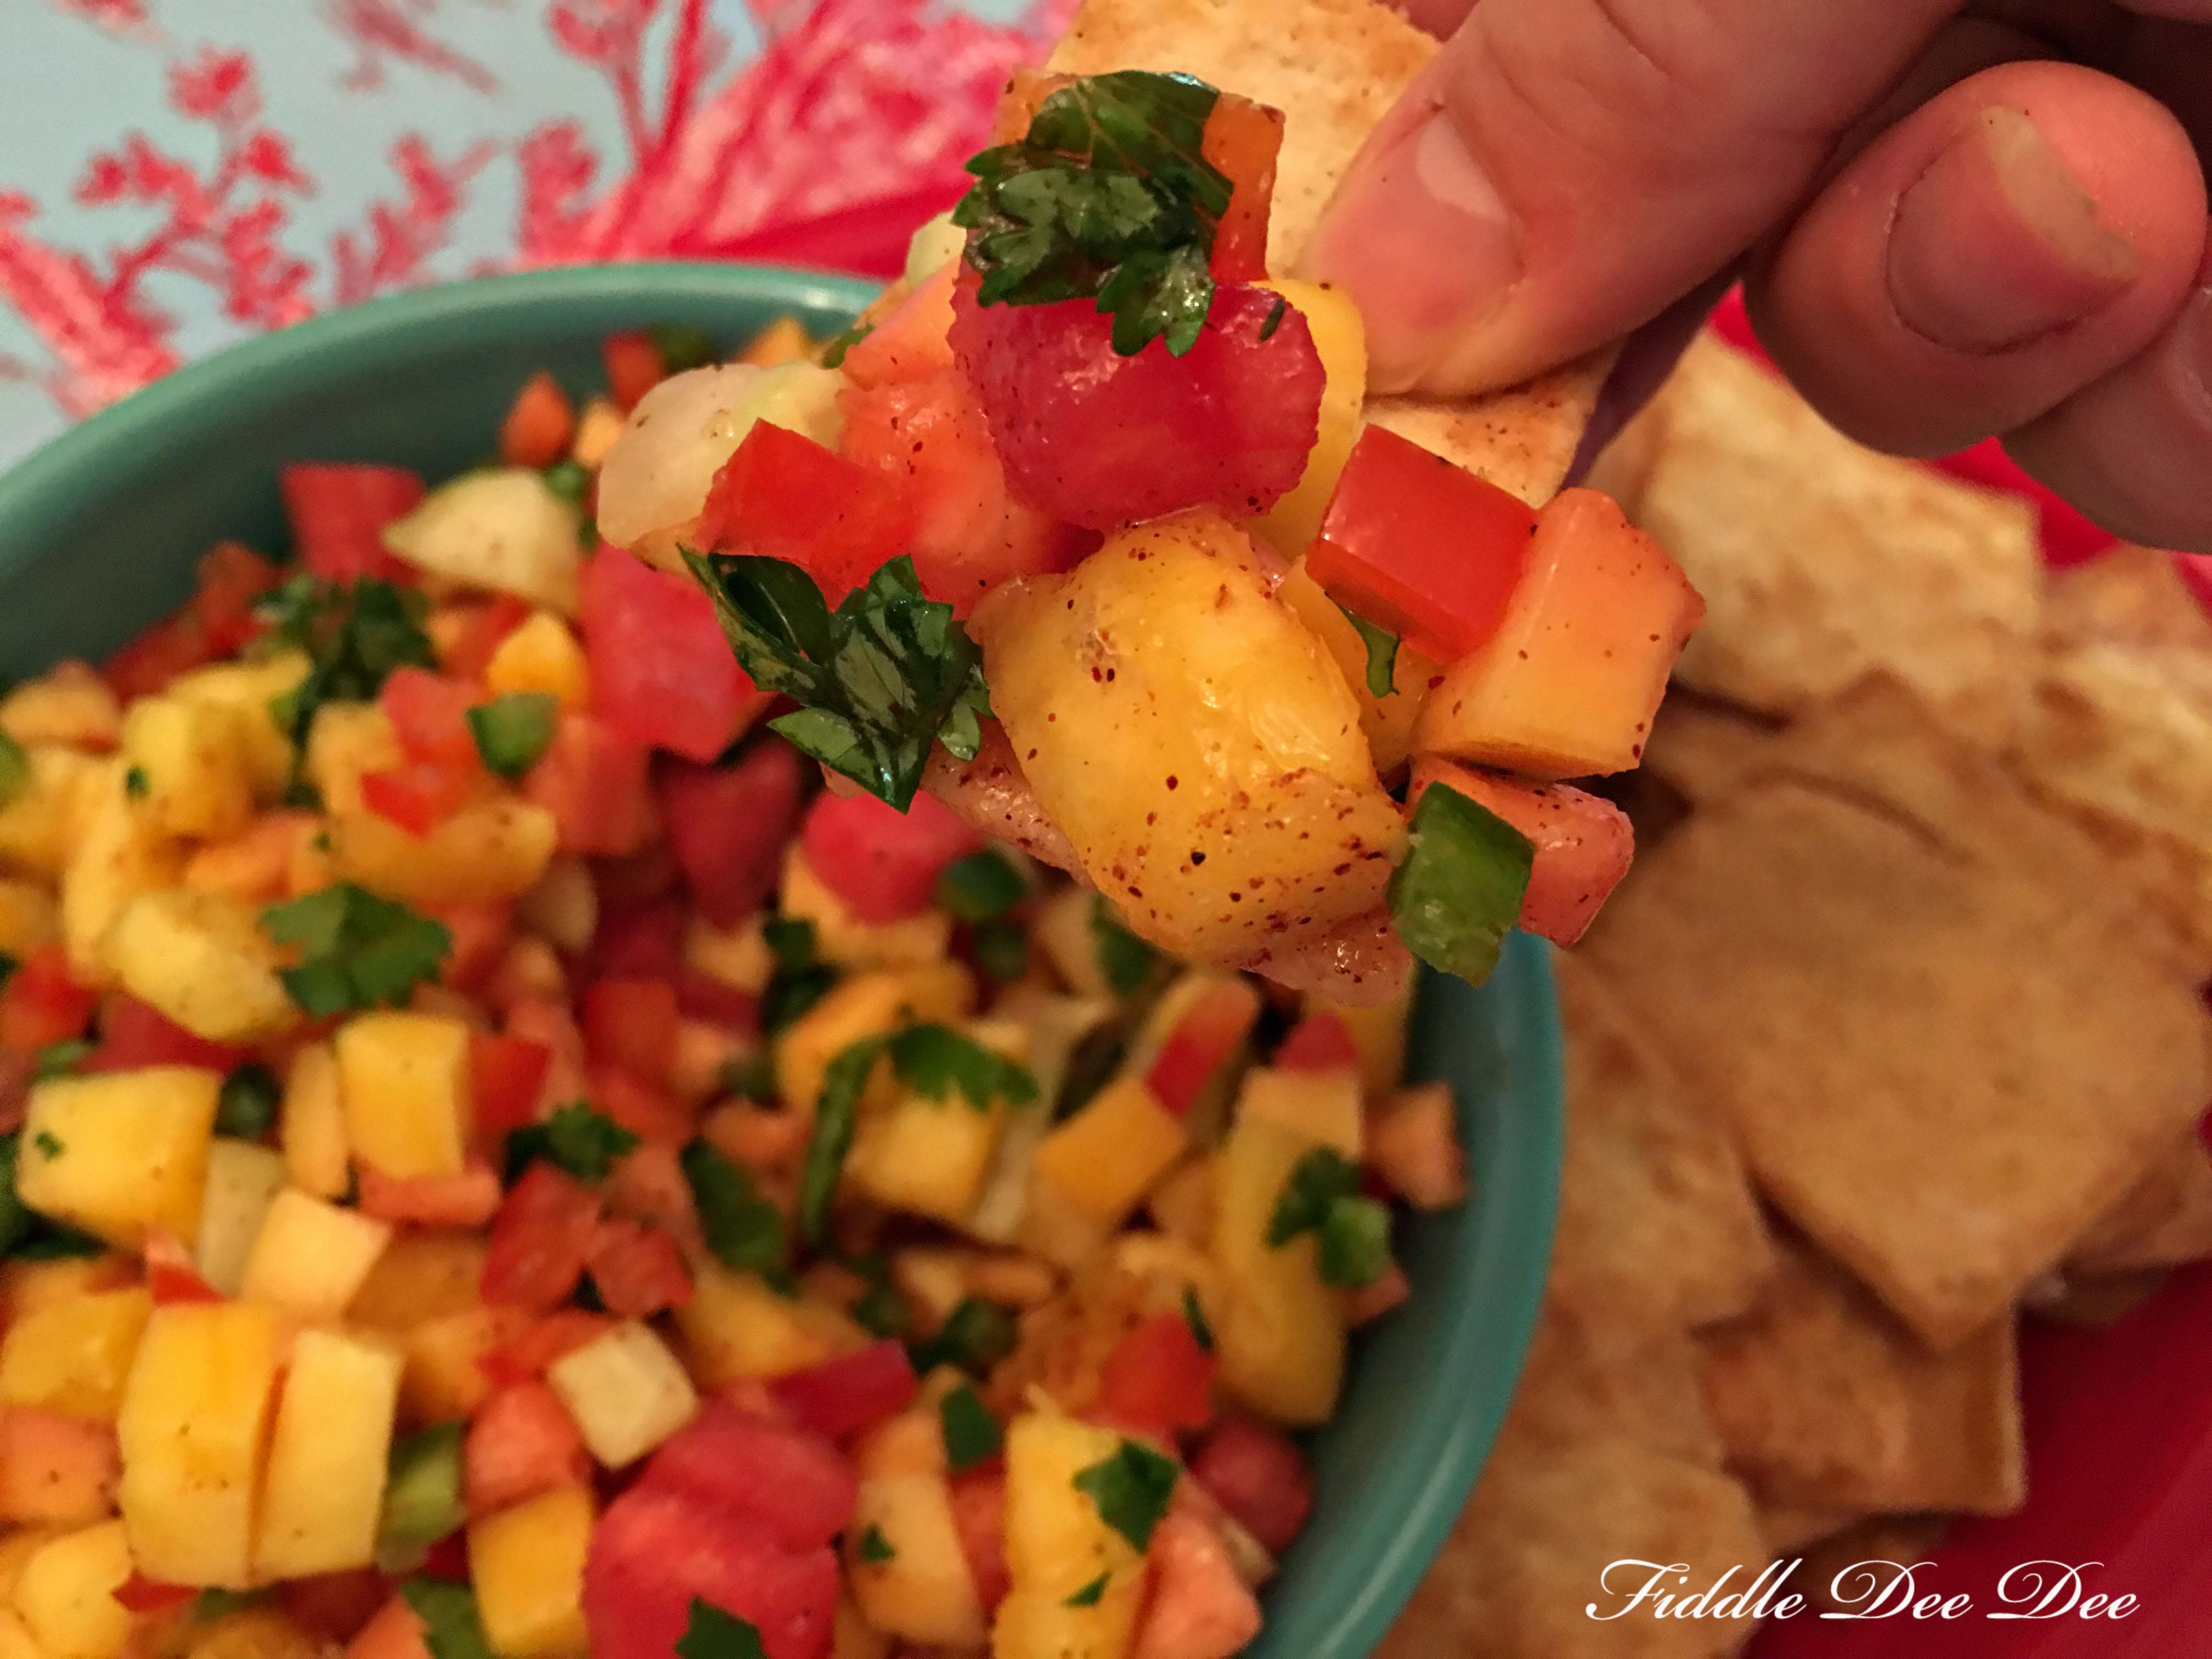 Game Day Fruit Salsa | Fiddle Dee Dee by Jennifer Jones